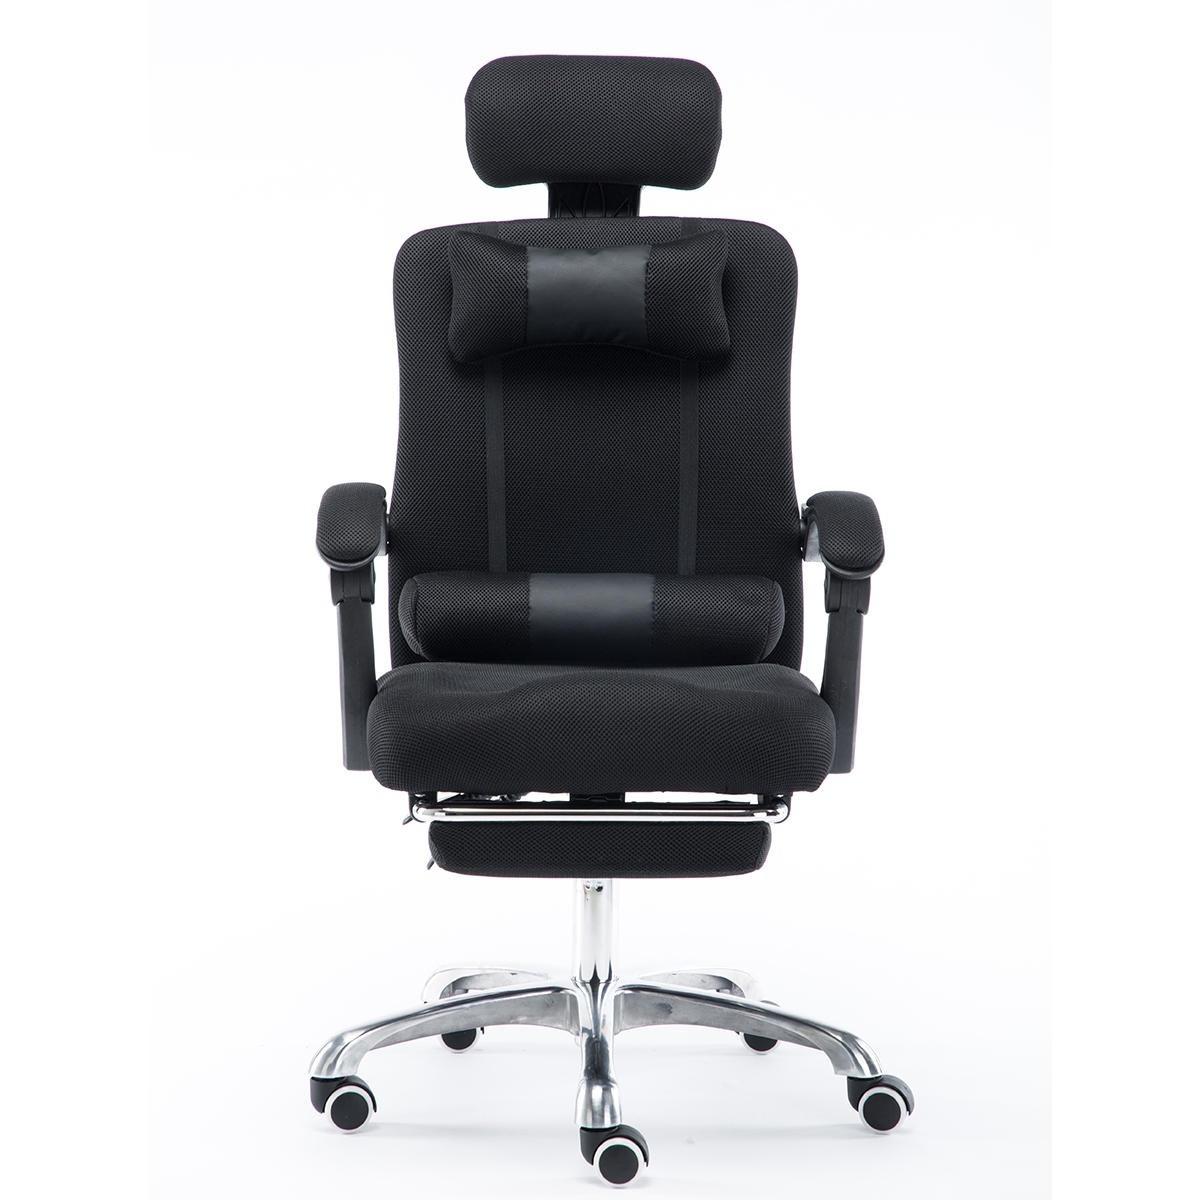 Justerbar ergonomisk kontorsstol Mesh Seat Recliner Executive Racing Gaming Dator Bärbar skrivbord Stol